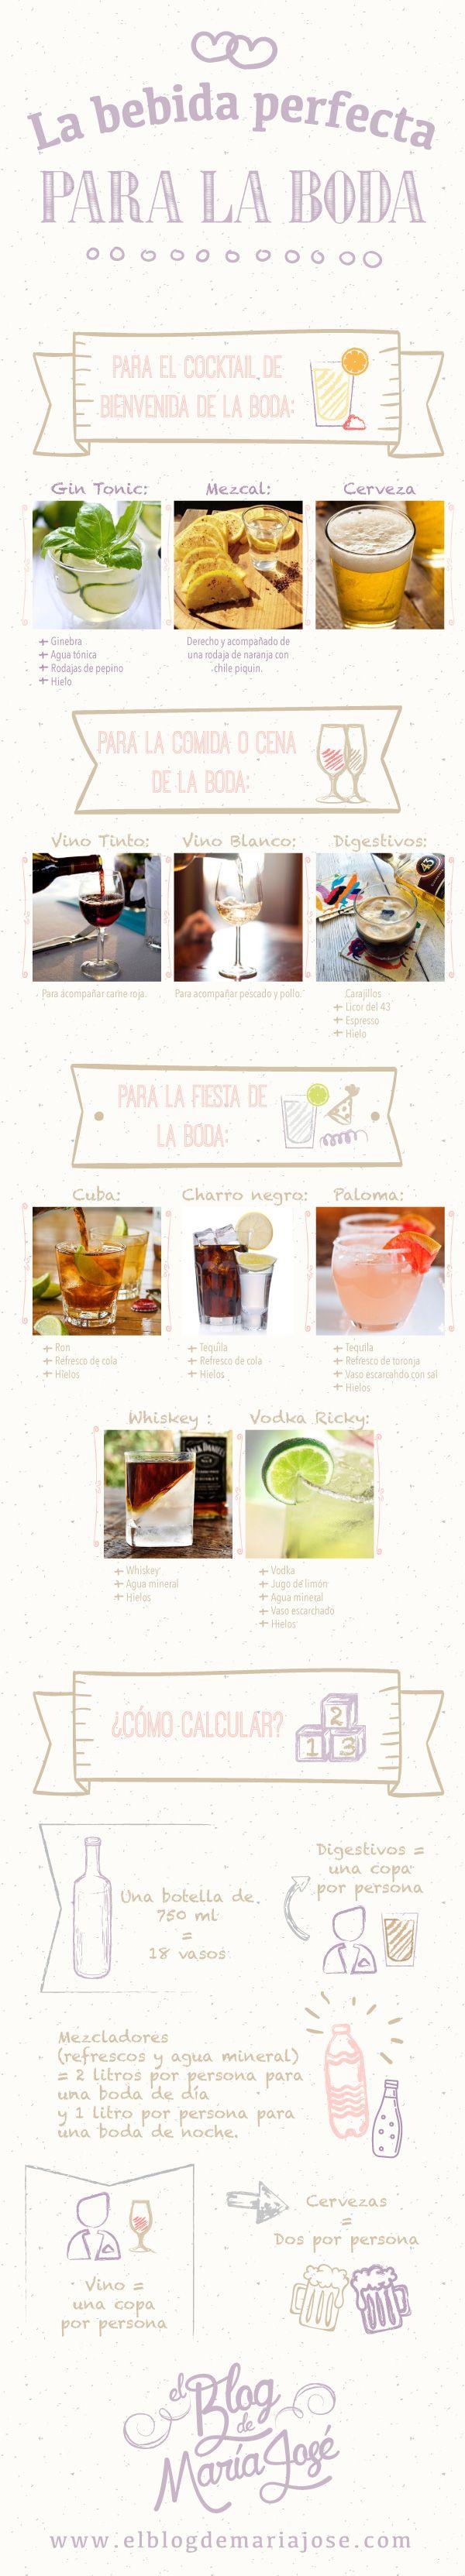 Te presento cual es la bebida perfecta para la boda #bodas #ElBlogdeMaríaJosé #Bebidaboda